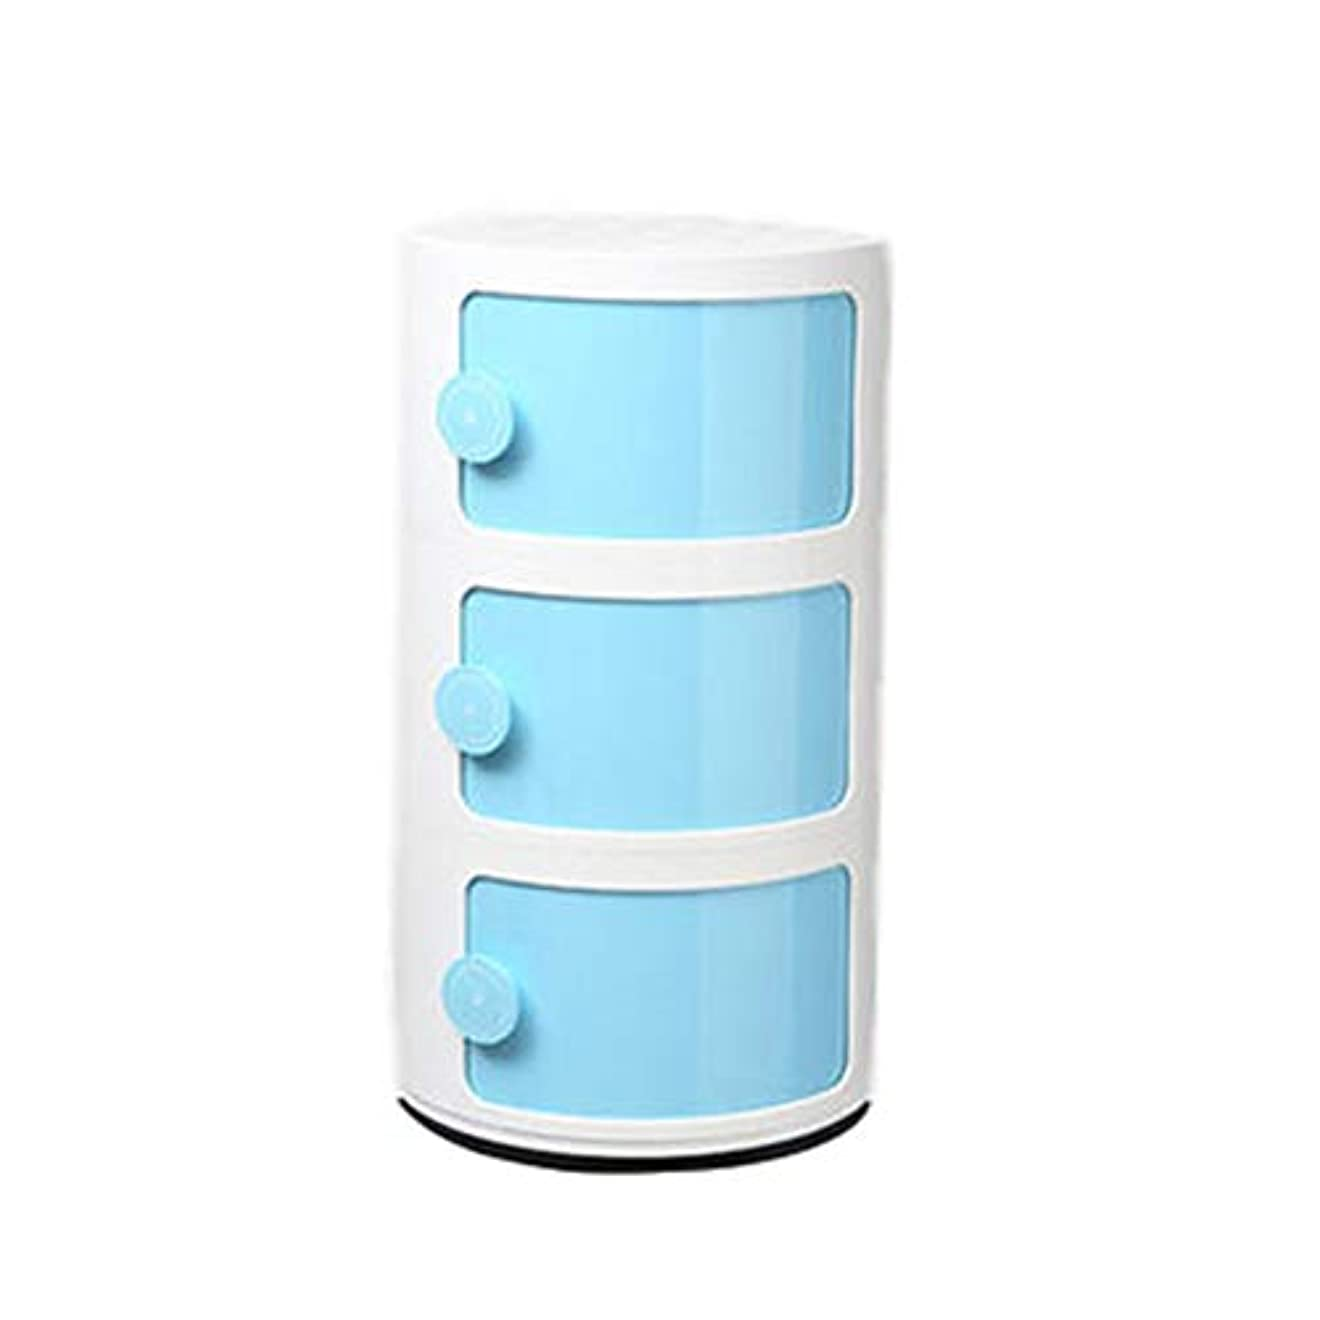 迷惑テメリティ特定の3層コーナープラスチックキャビネット収納ロッカー、多機能ナイトスタンドラウンドキャビネット、ベッド、ソファ、オフィス、デスクに最適です。防湿、シンプルで実用的